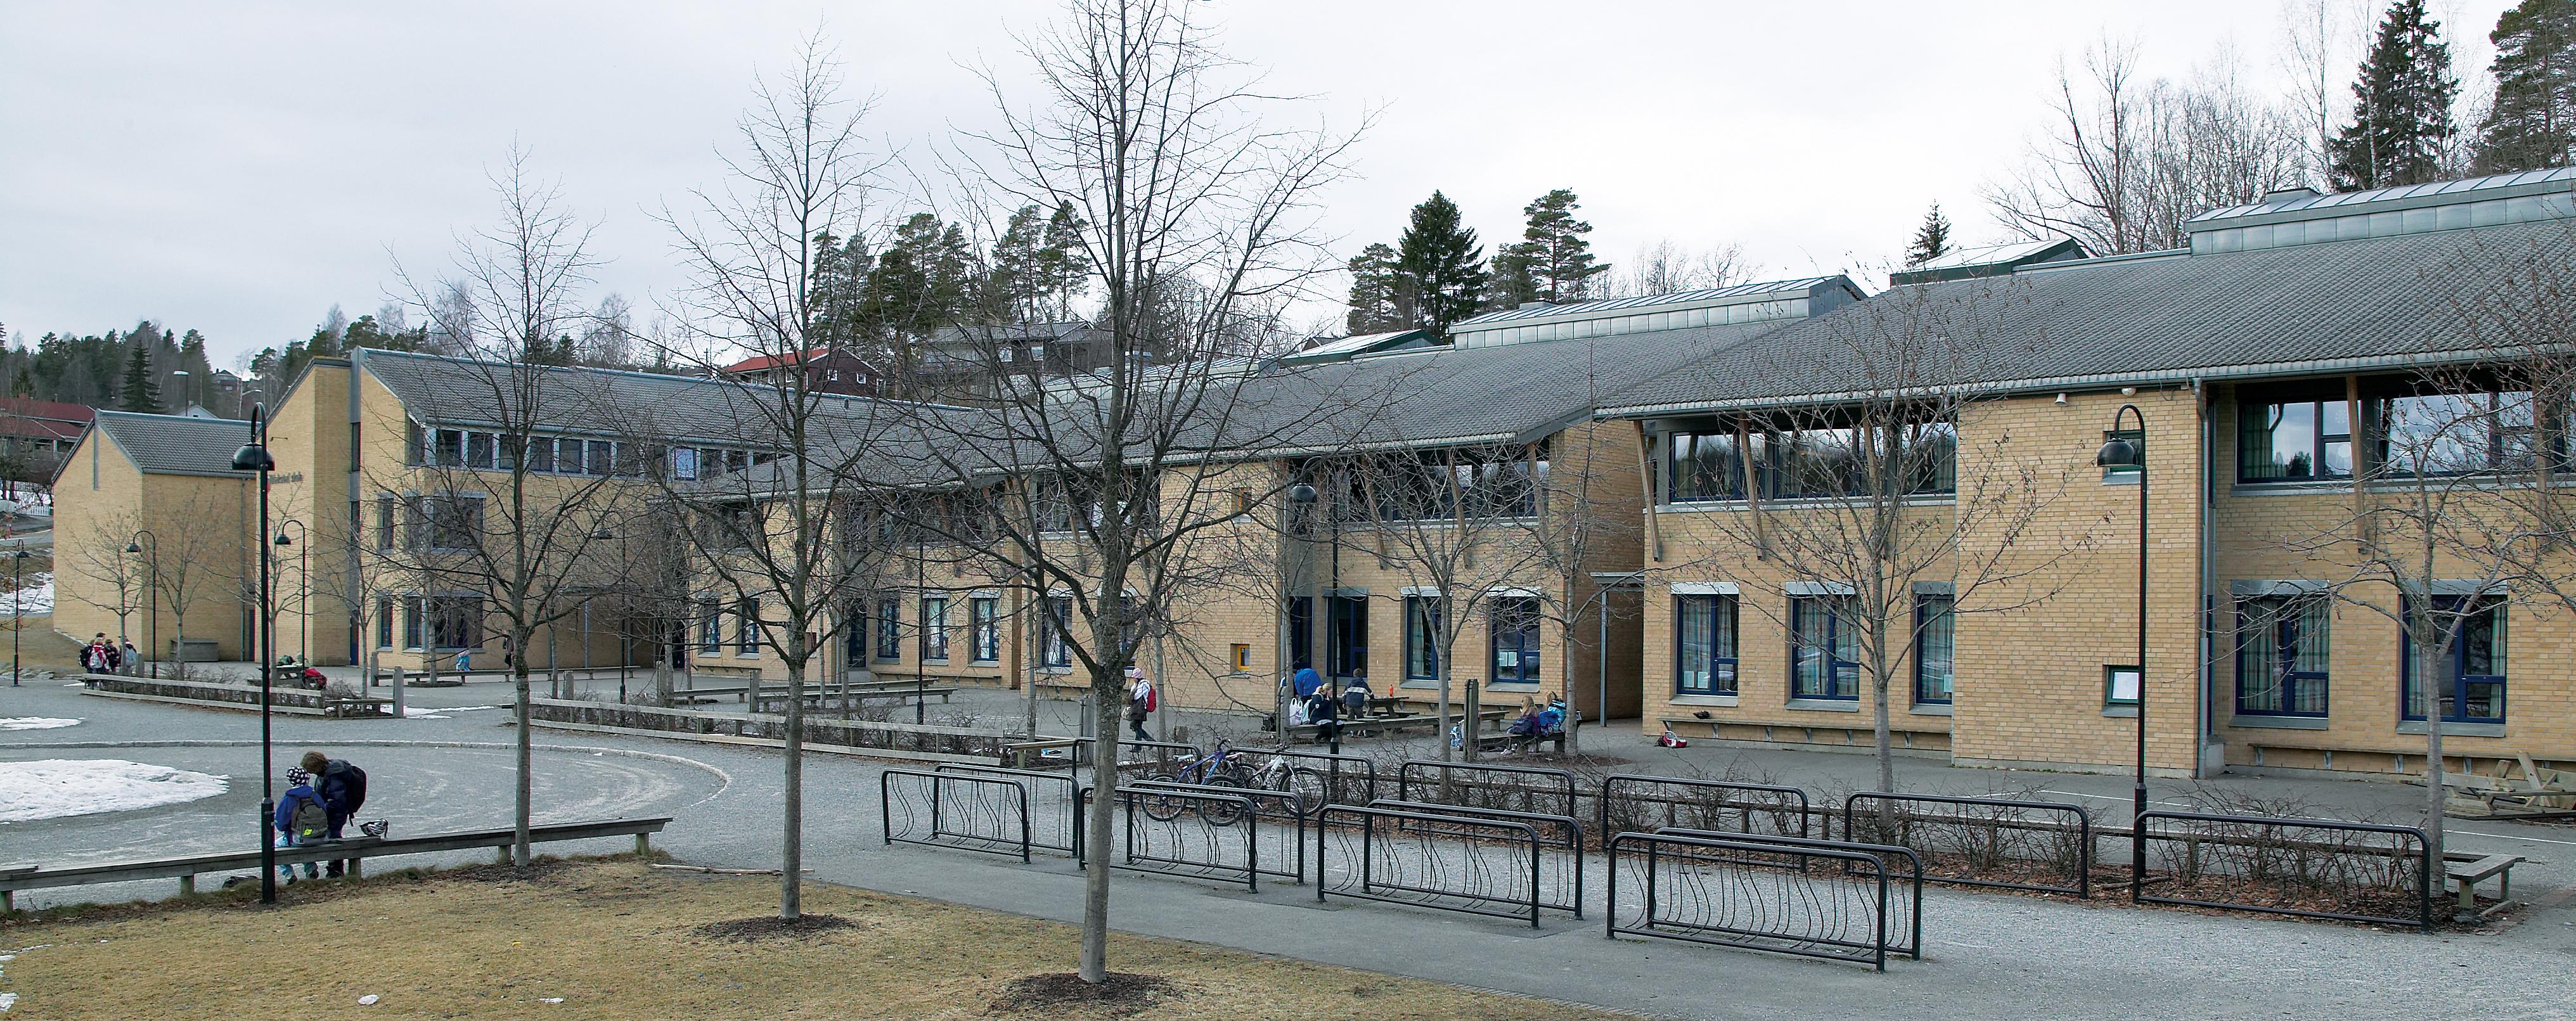 Blakstad skole Asker, Norge